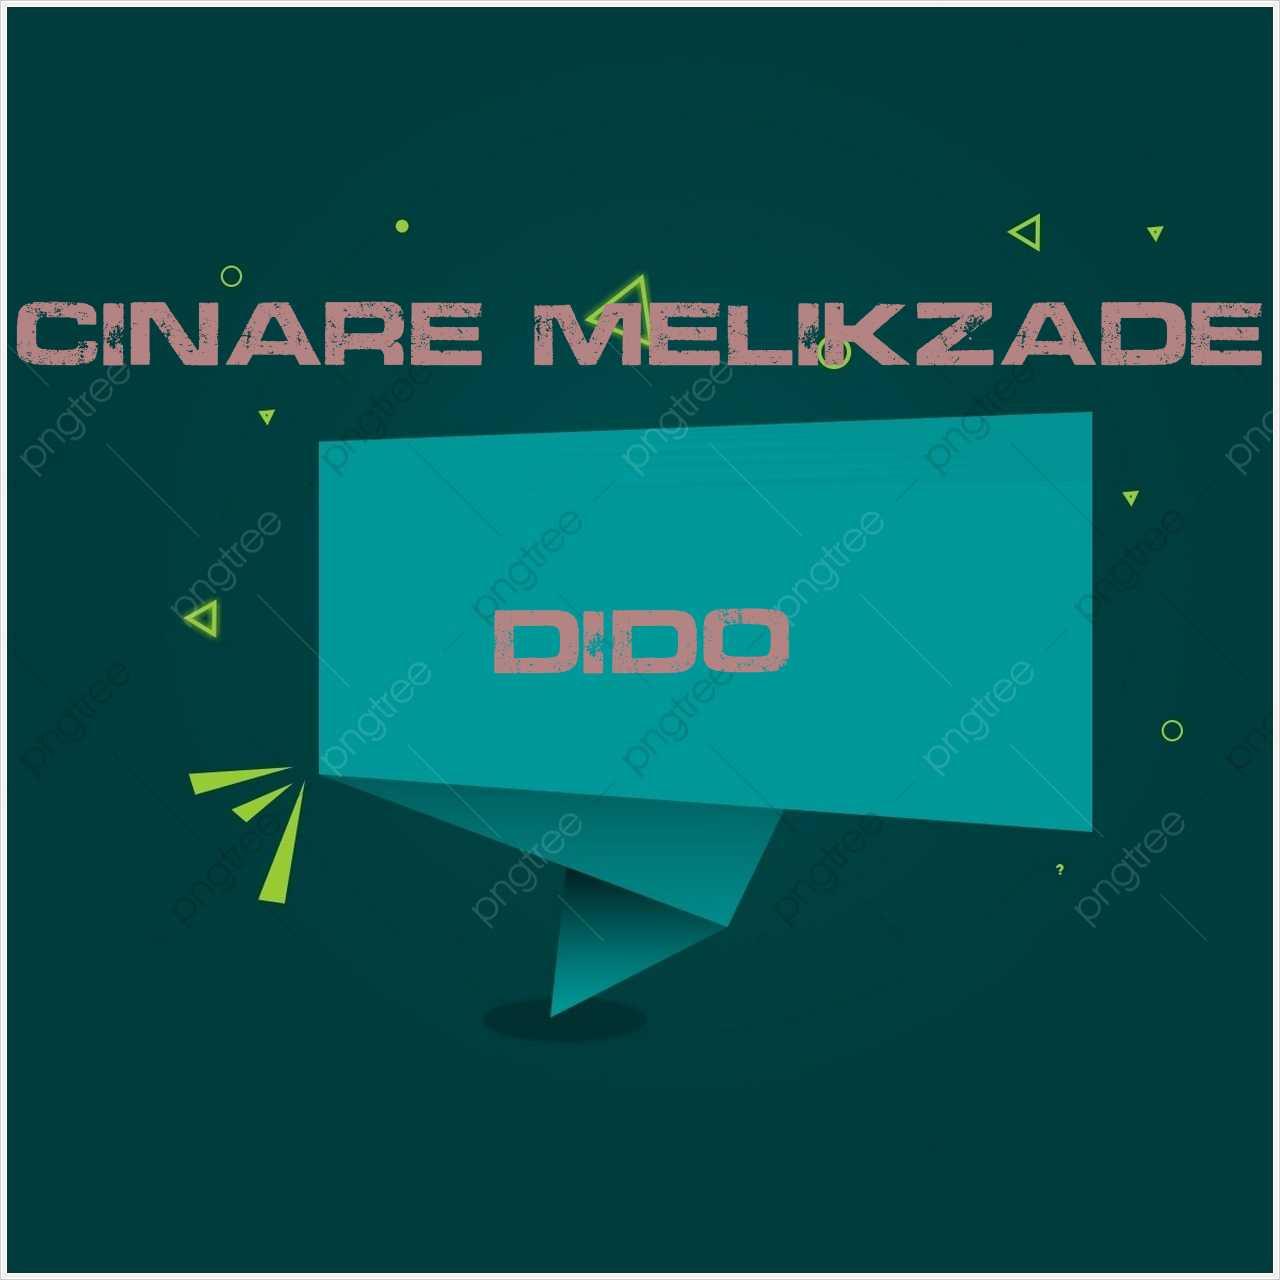 دانلود آهنگ جدید Cinare Melikzade به نام Dido